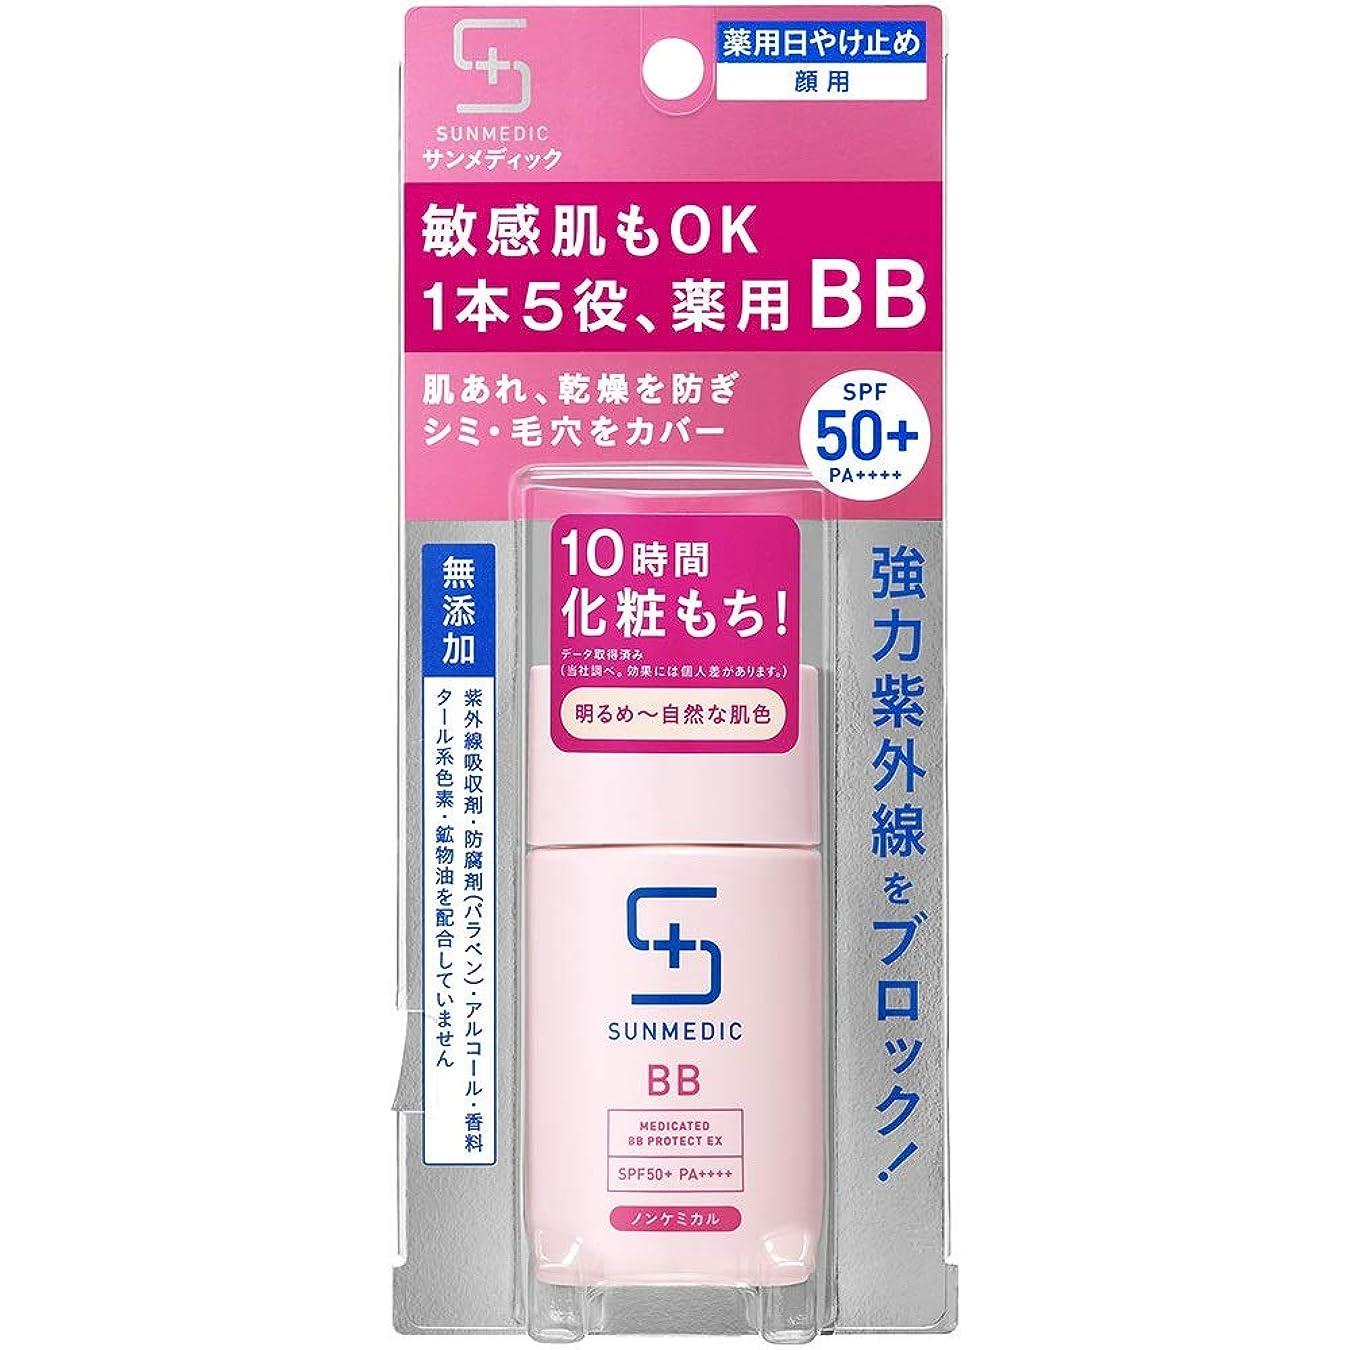 原油基本的な失態サンメディックUV 薬用BBプロテクトEX ライト 30ml (医薬部外品)